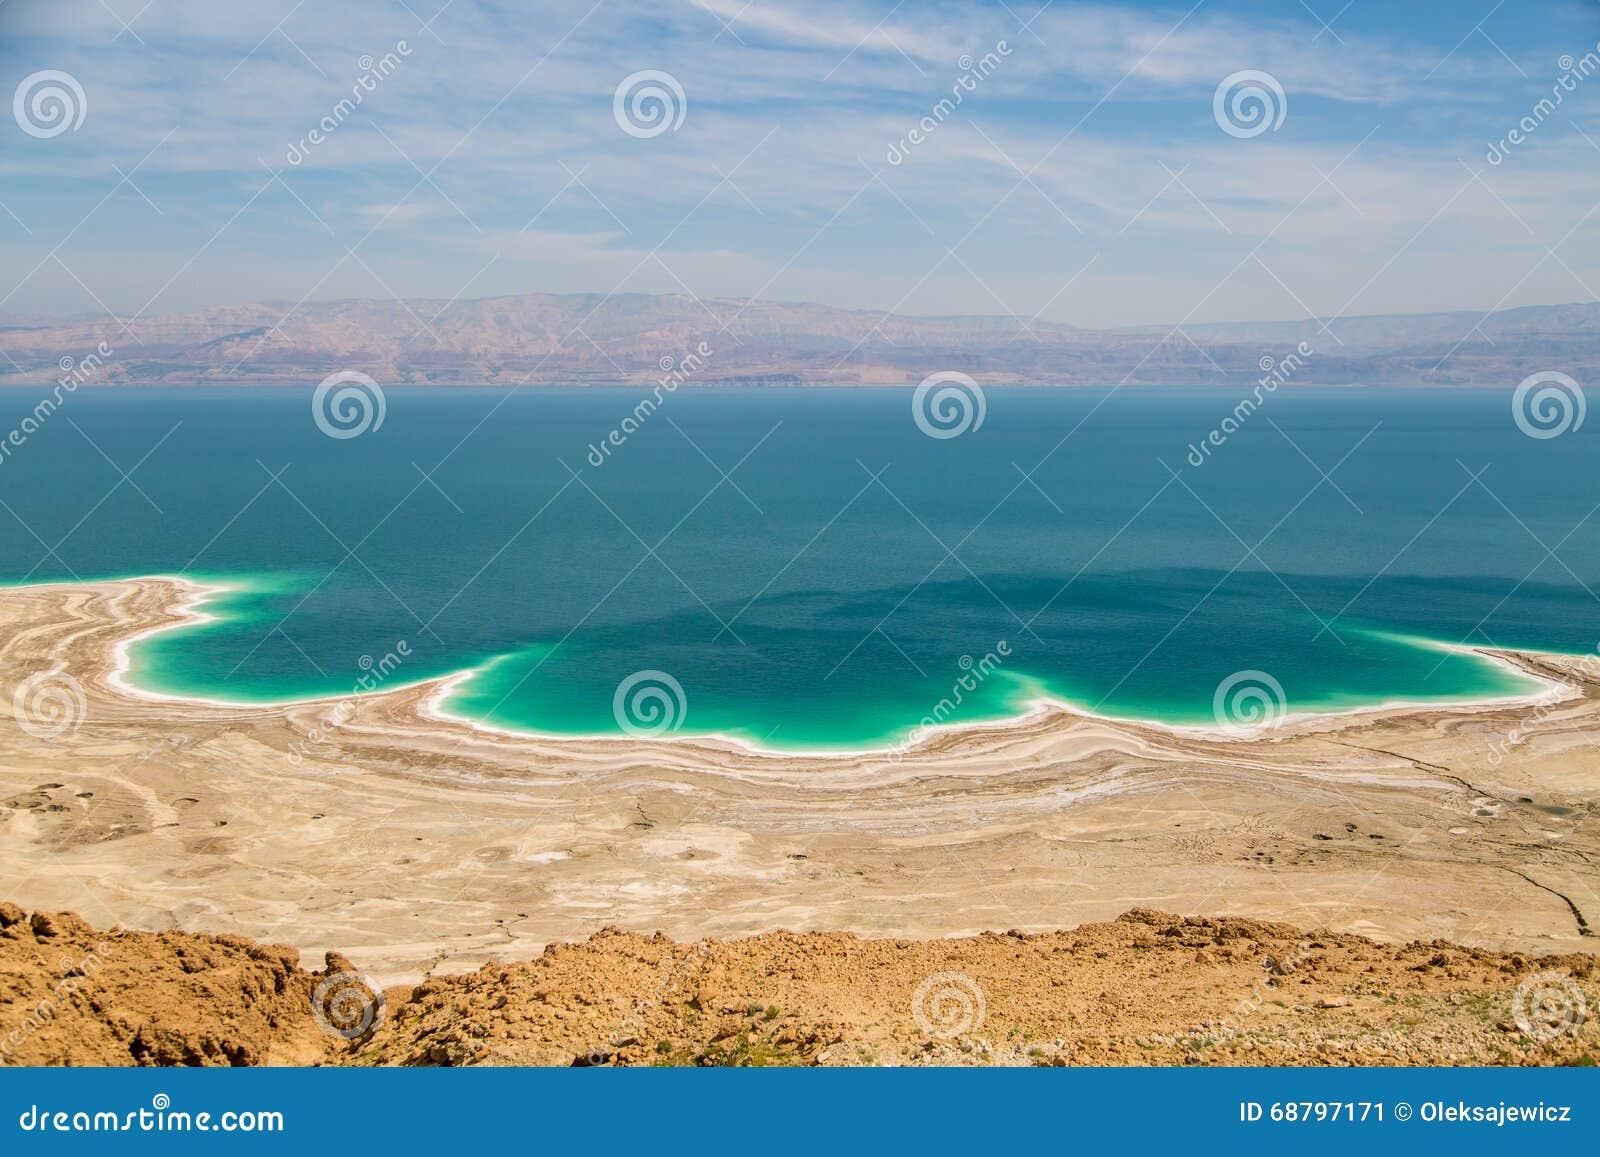 Abandone a paisagem de Israel, Mar Morto, Jordânia